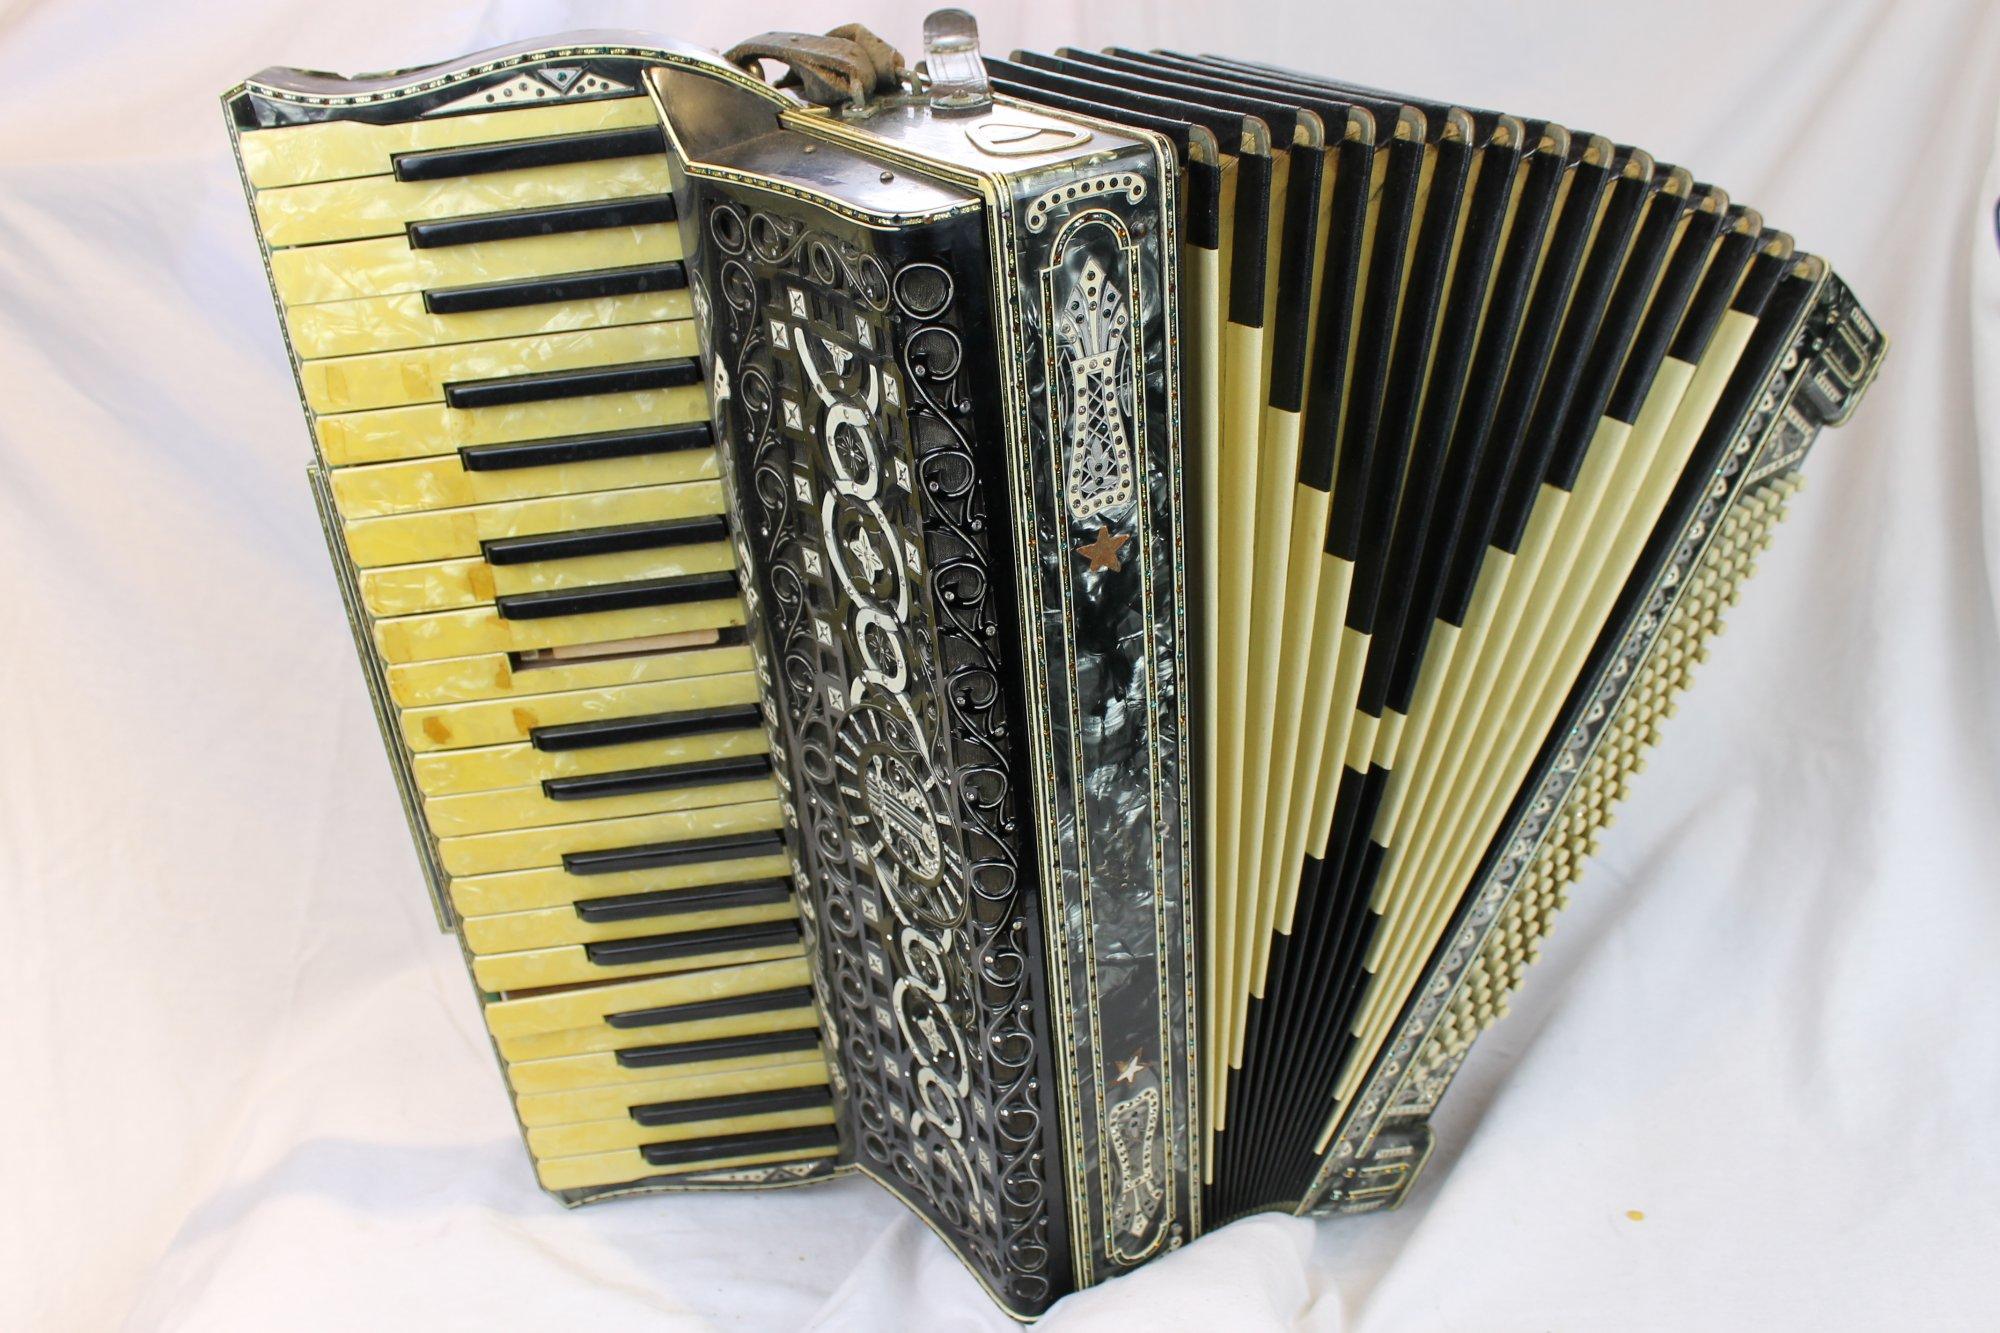 3828 - Black Sitek Piano Accordion LMM 41 120 - For Parts or Repair